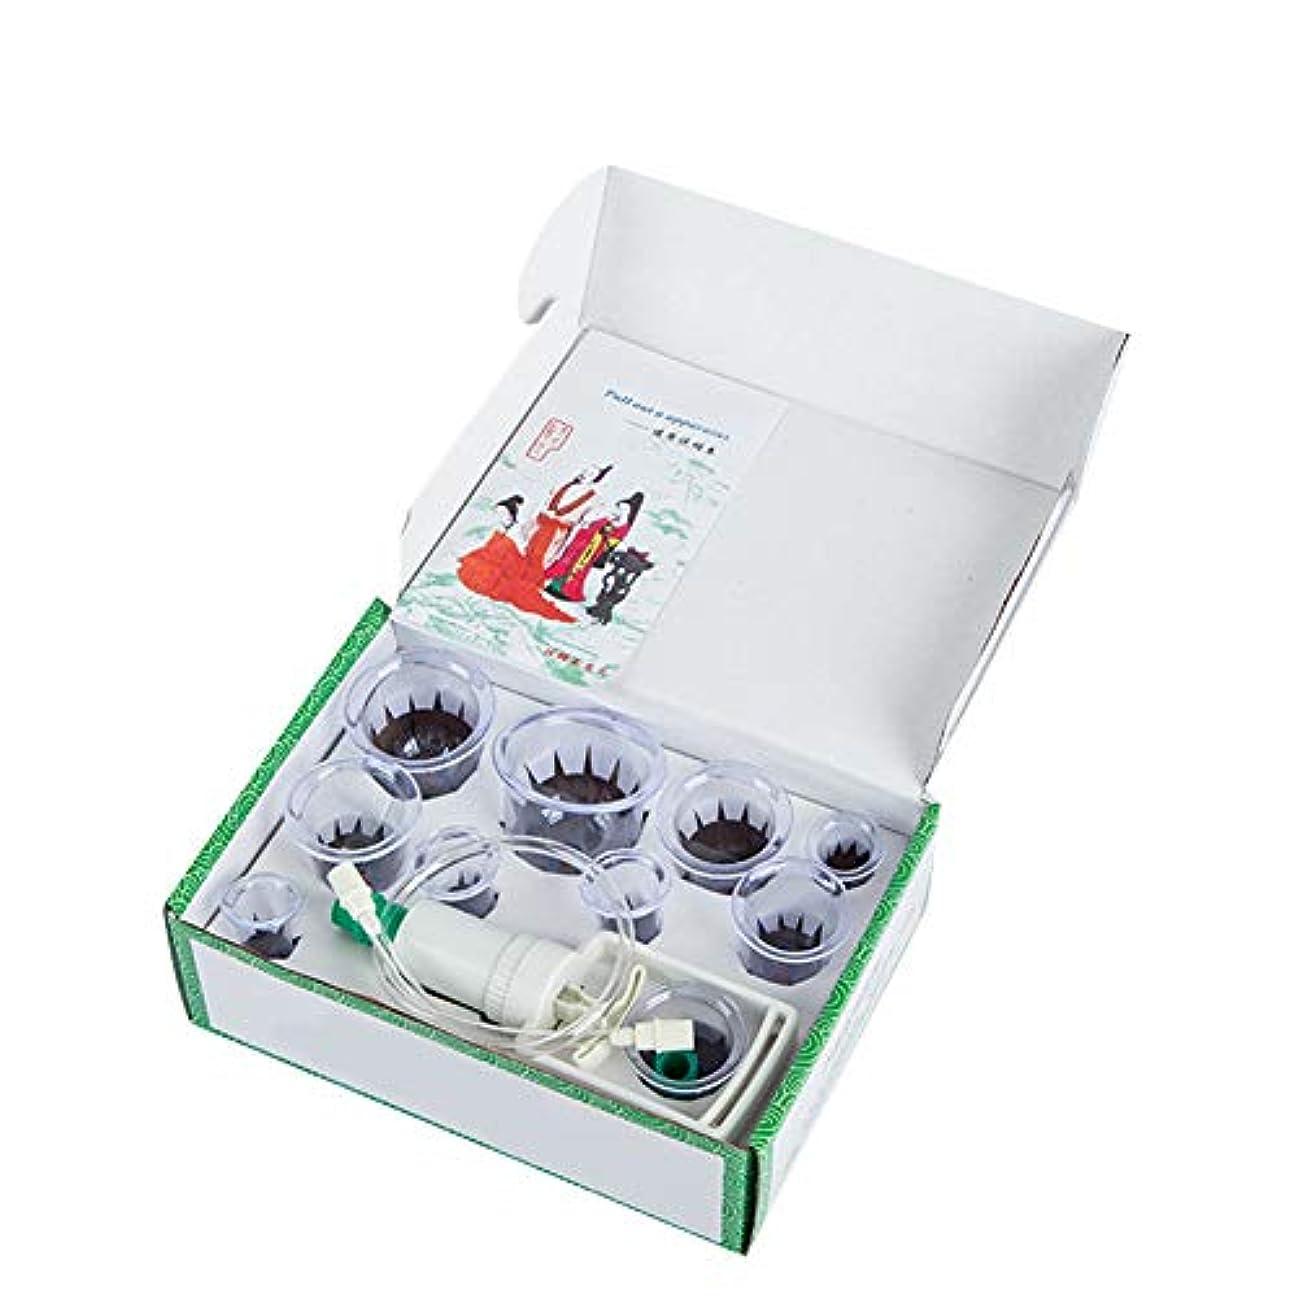 クール消化器寝室10カップカッピングセットプラスチック、真空吸引中国式ツボ療法、ポンプ付きホーム、ボディマッサージ鎮痛理学療法排泄毒素